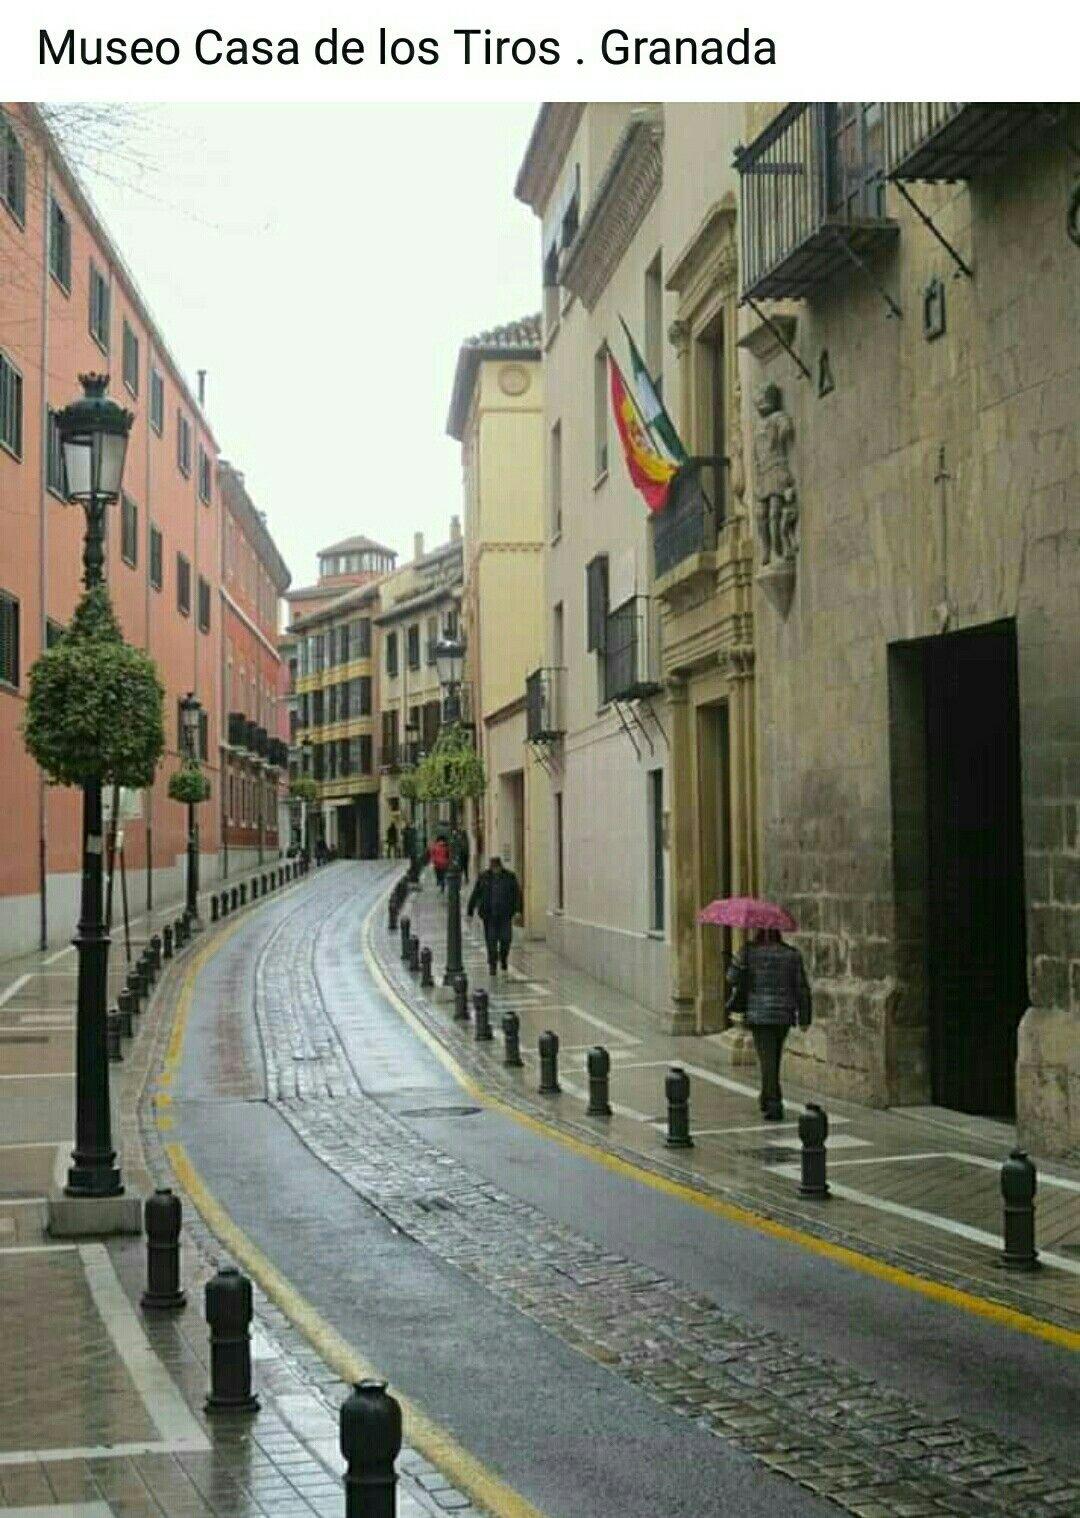 Museo Casa De Los Tiros Calle Pavaneras Granada Street View Street